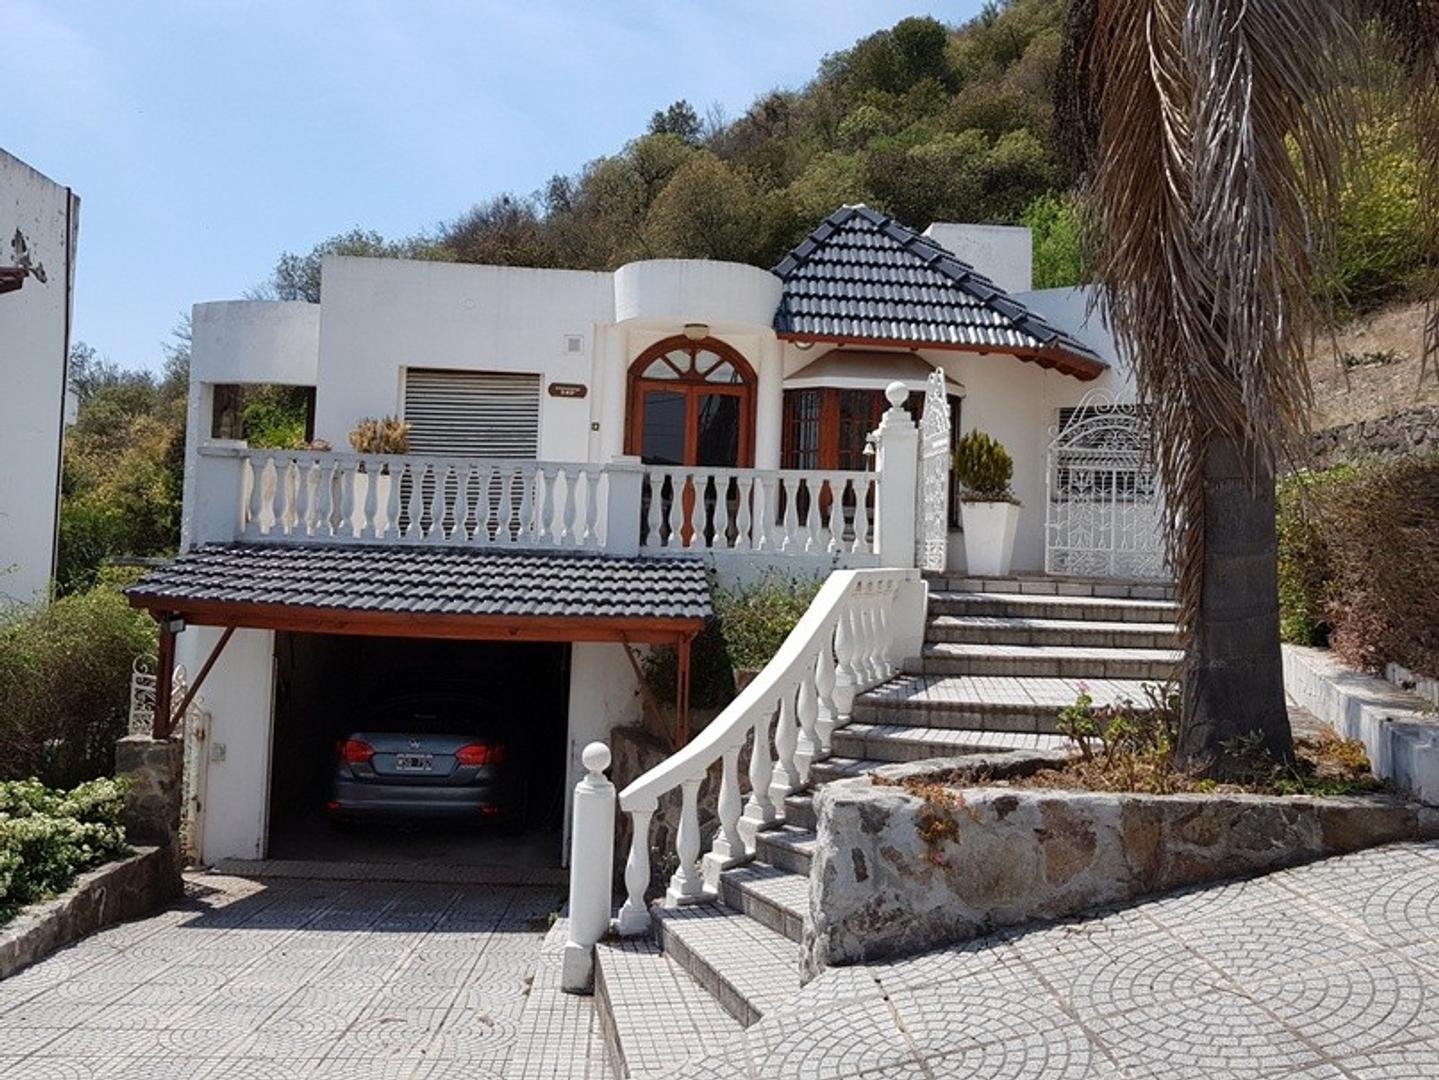 Casa - 200 m²   2 dormitorios   1 año